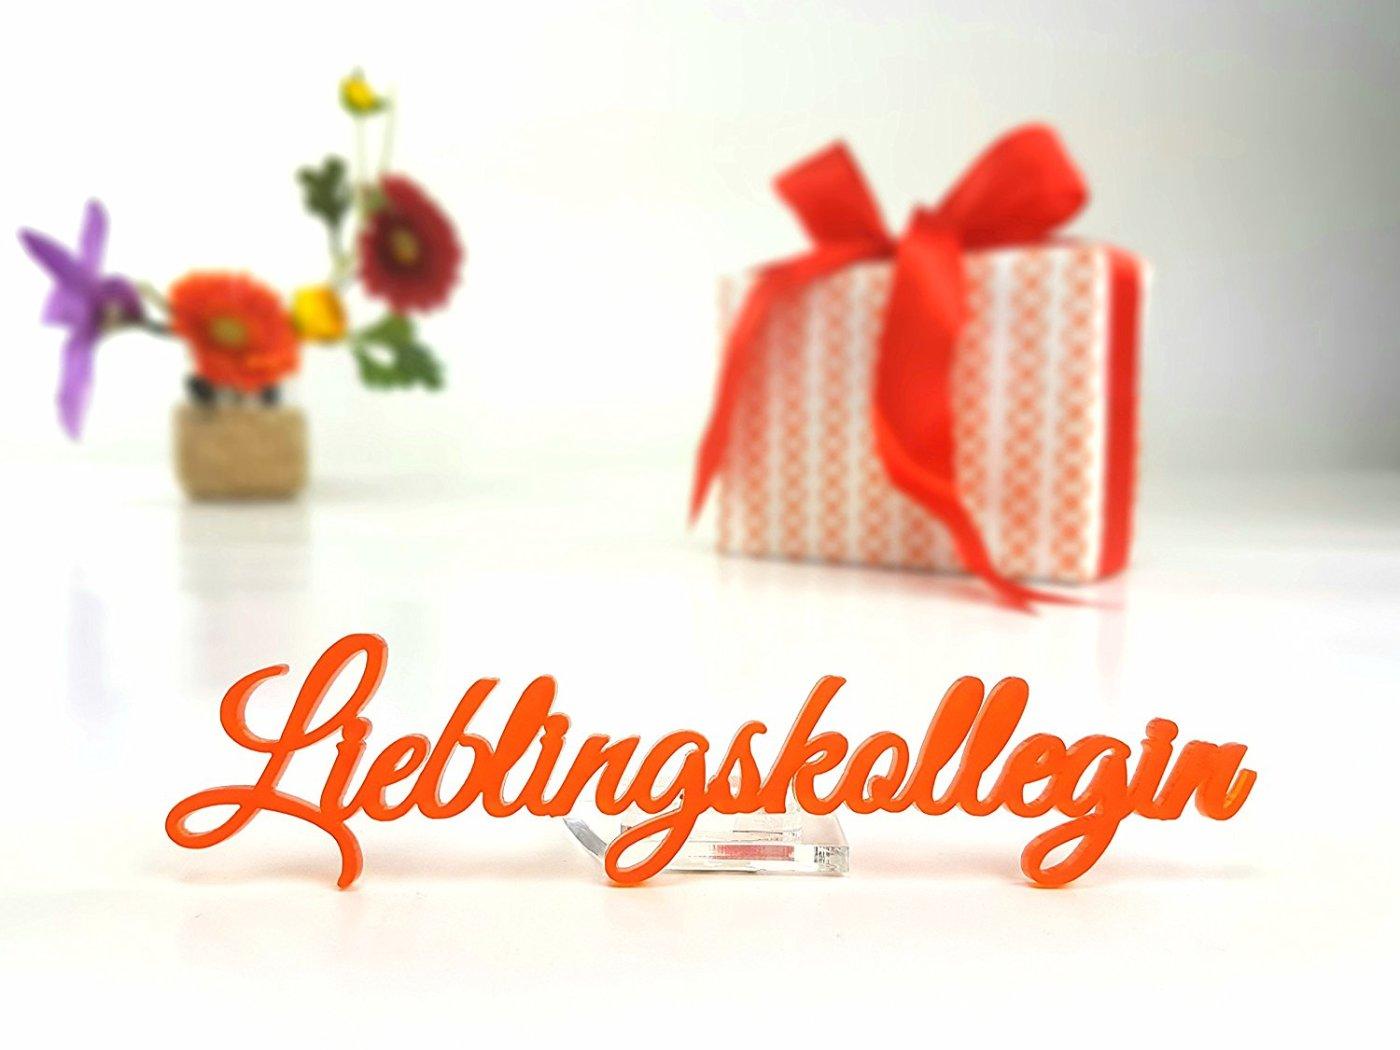 geschenke für kollegen abschied